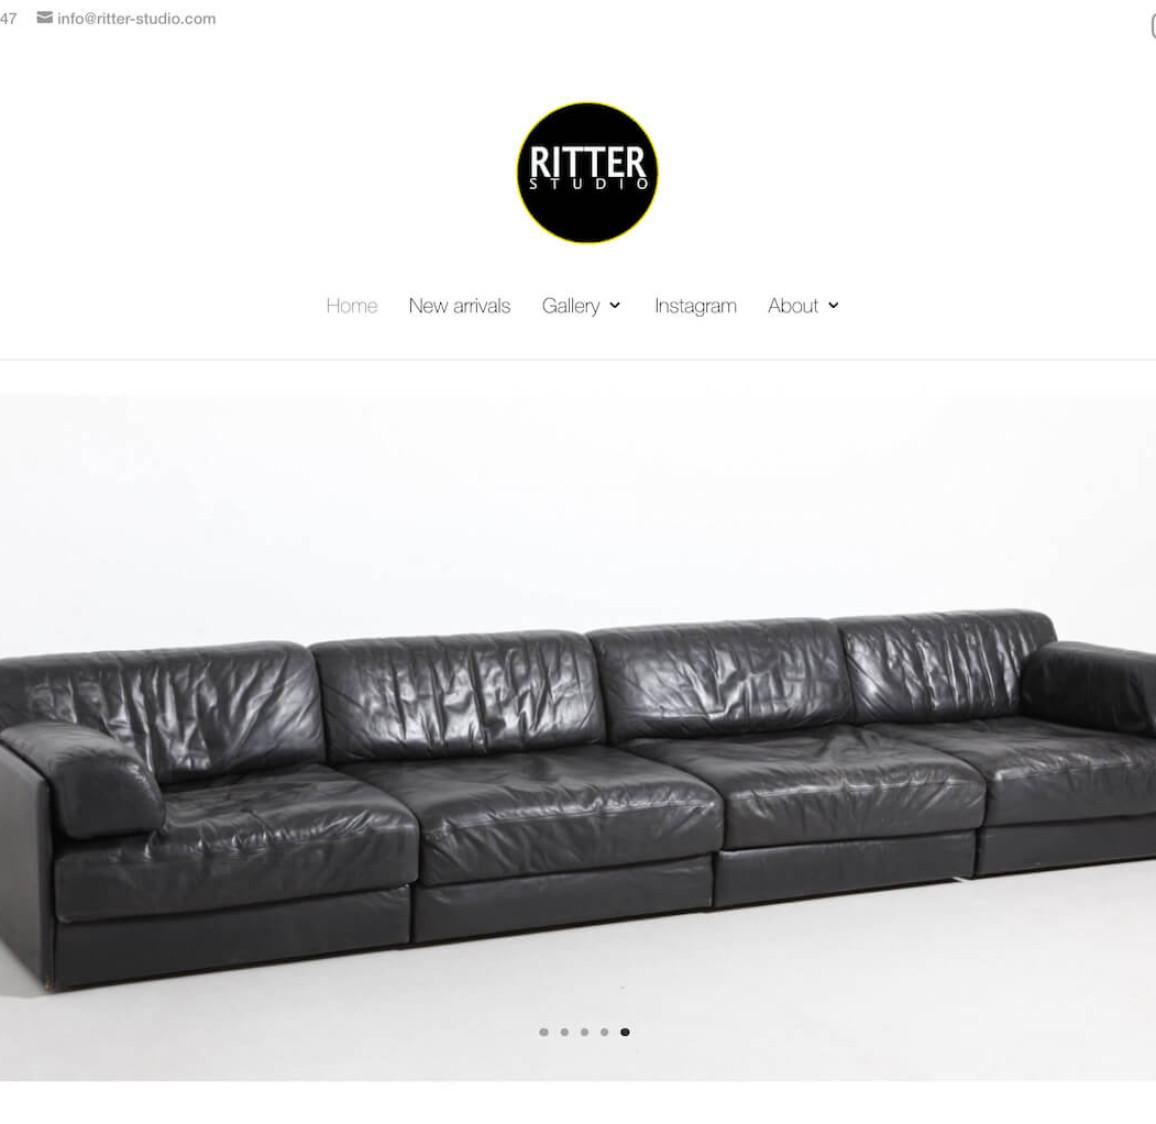 Création de catalogue de produits avec WooCommerce (webdesign moderne), Hébergement EasyHoster